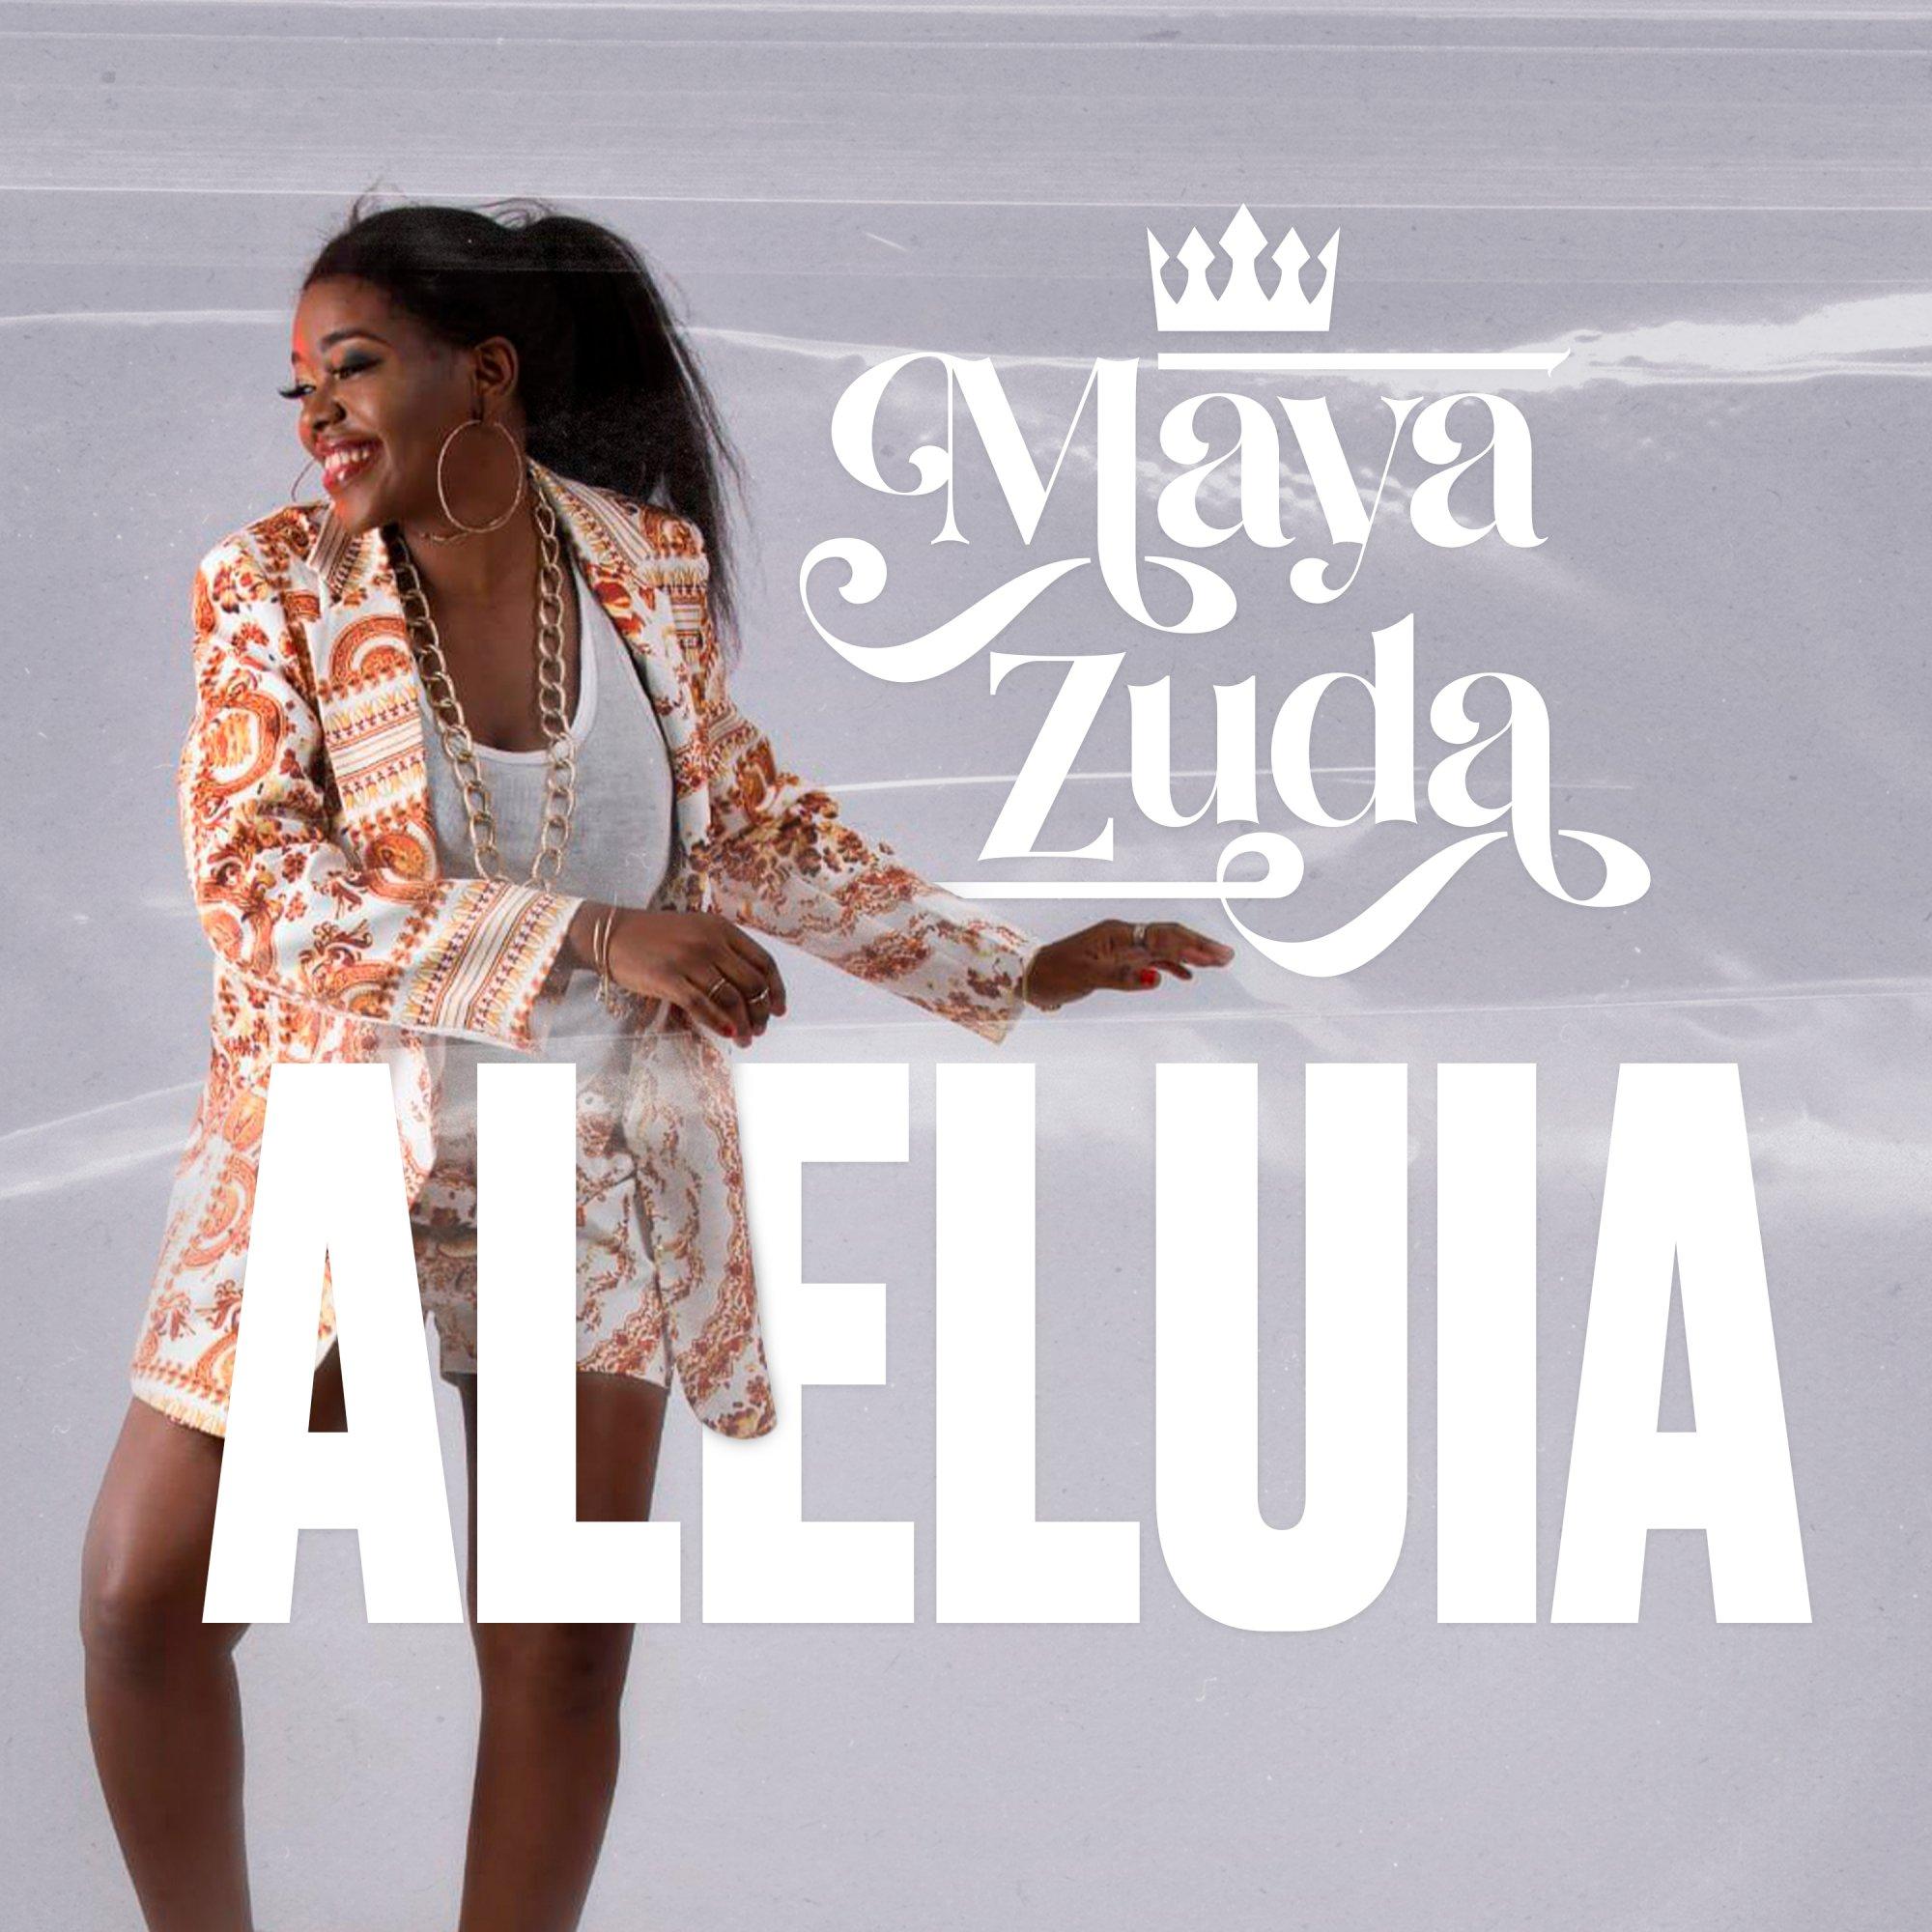 Maya-Zuda-Aleluia-(COVER-FINAL)